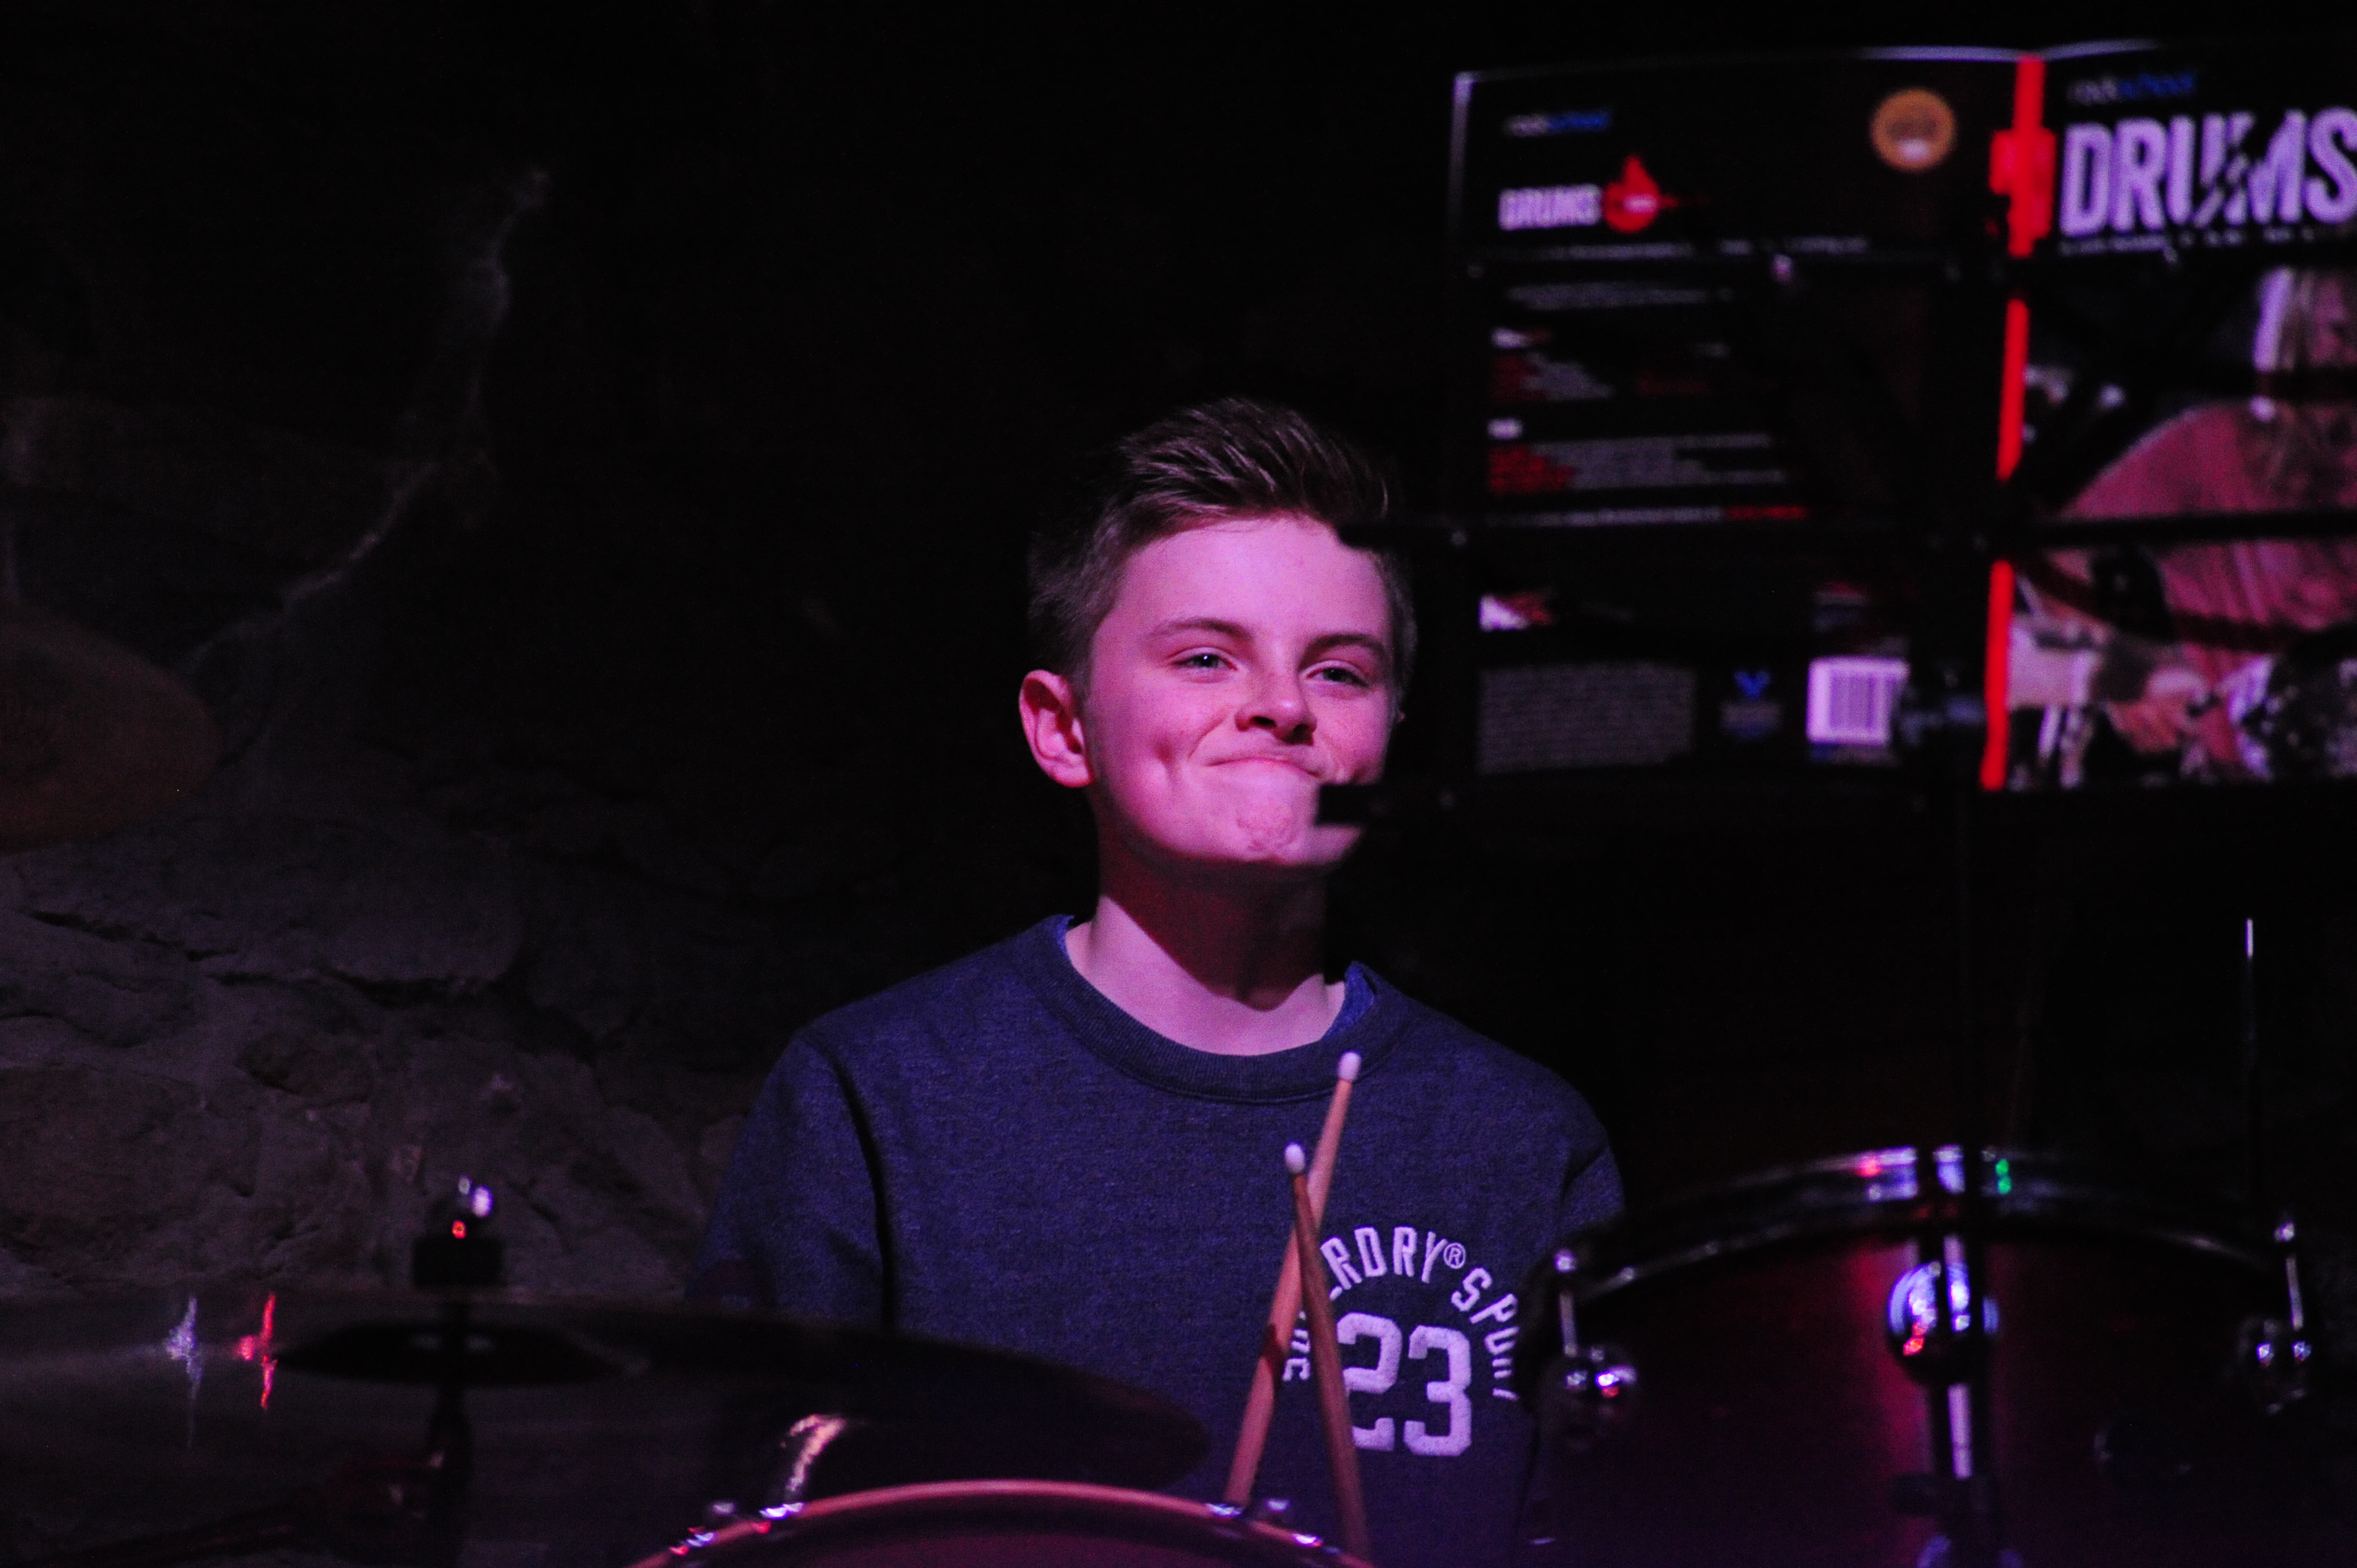 Drums 6